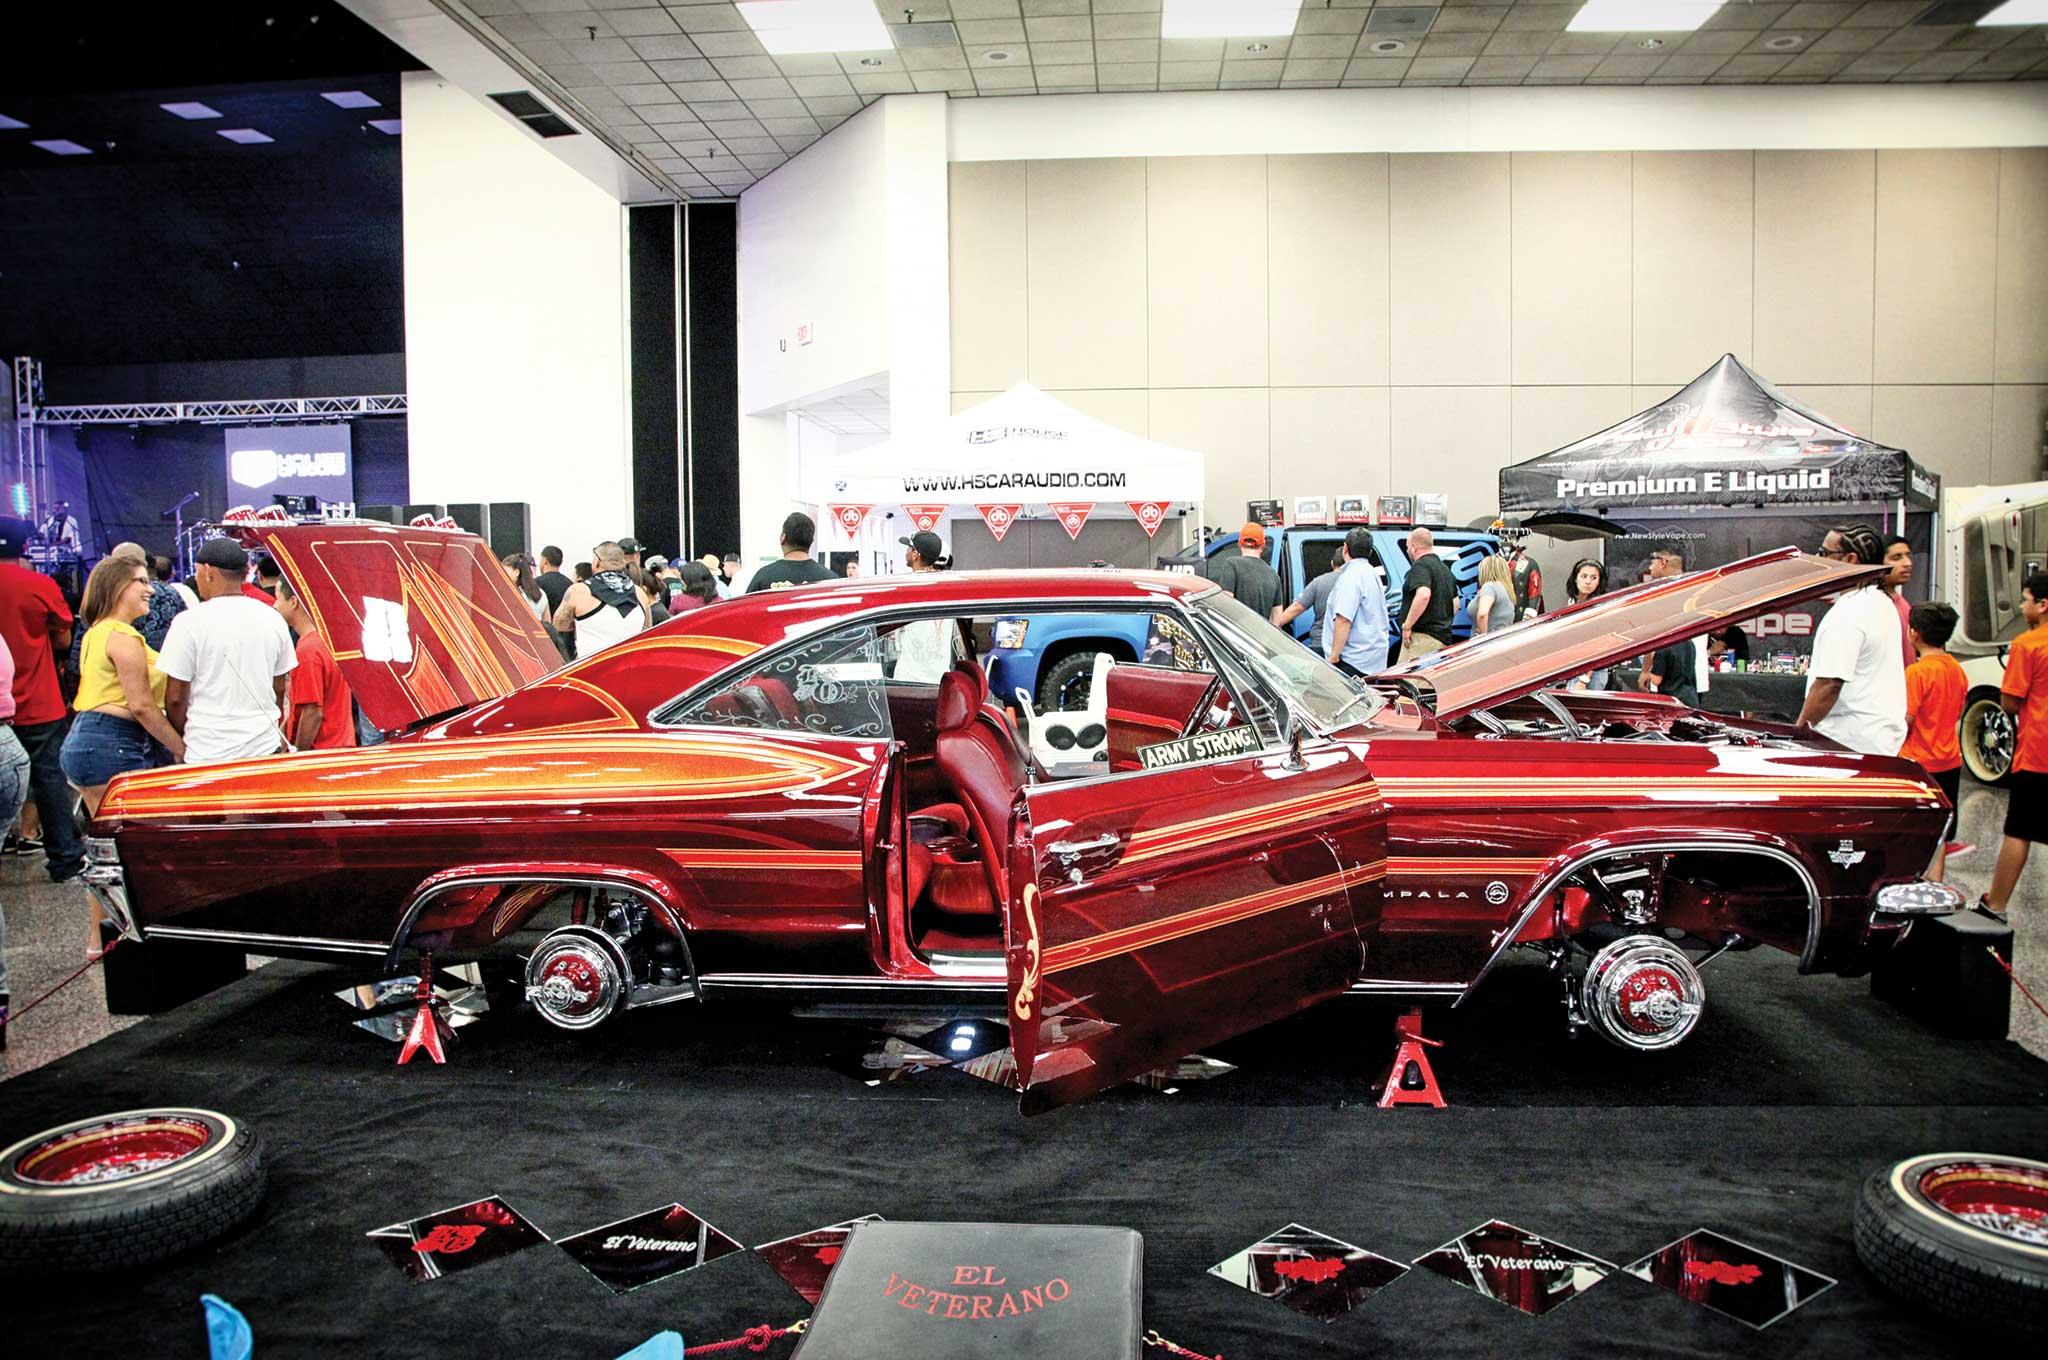 Pasadena Tejas Super Custom Car Show And Concert Impala - Custom car show